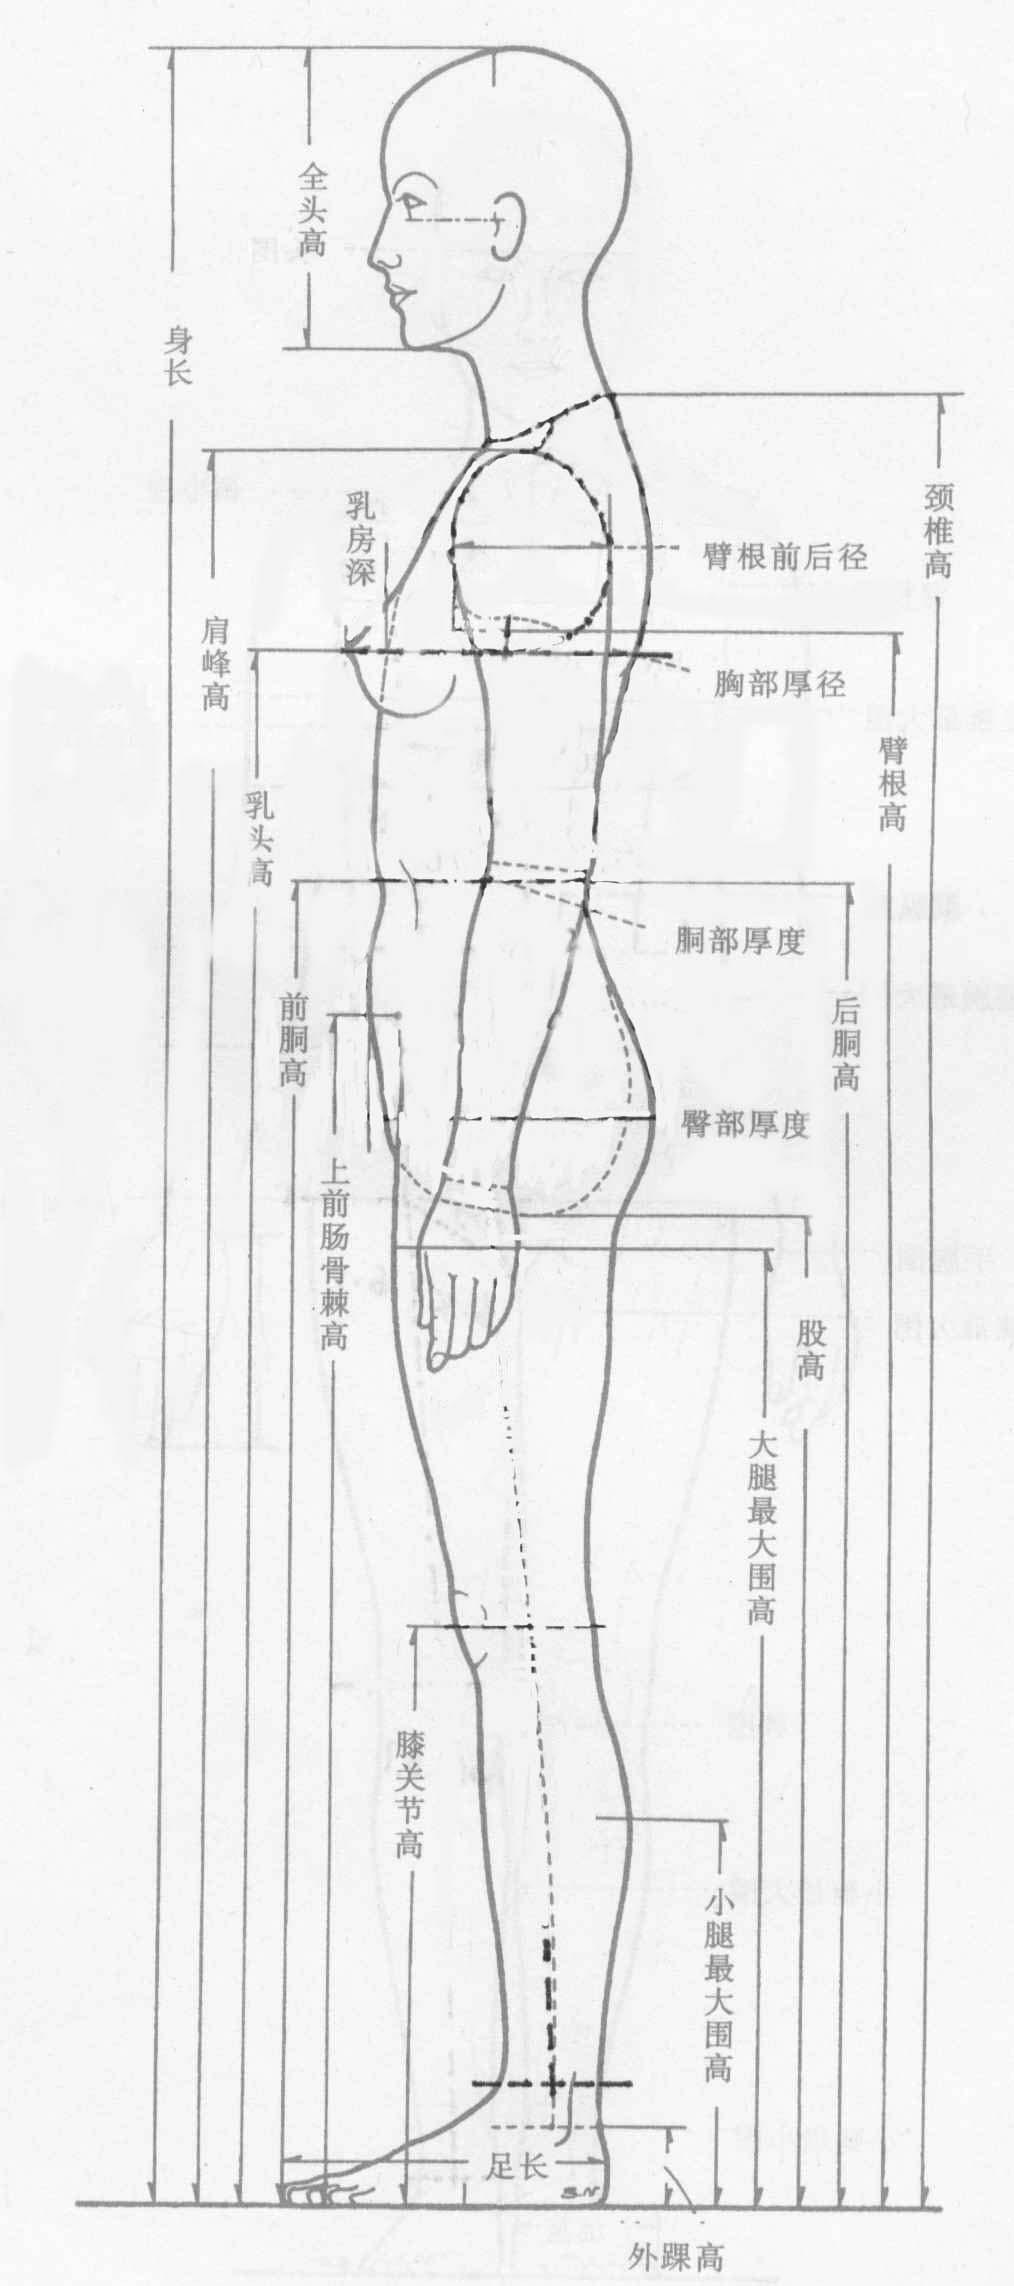 人体结构赏析_服装知识库